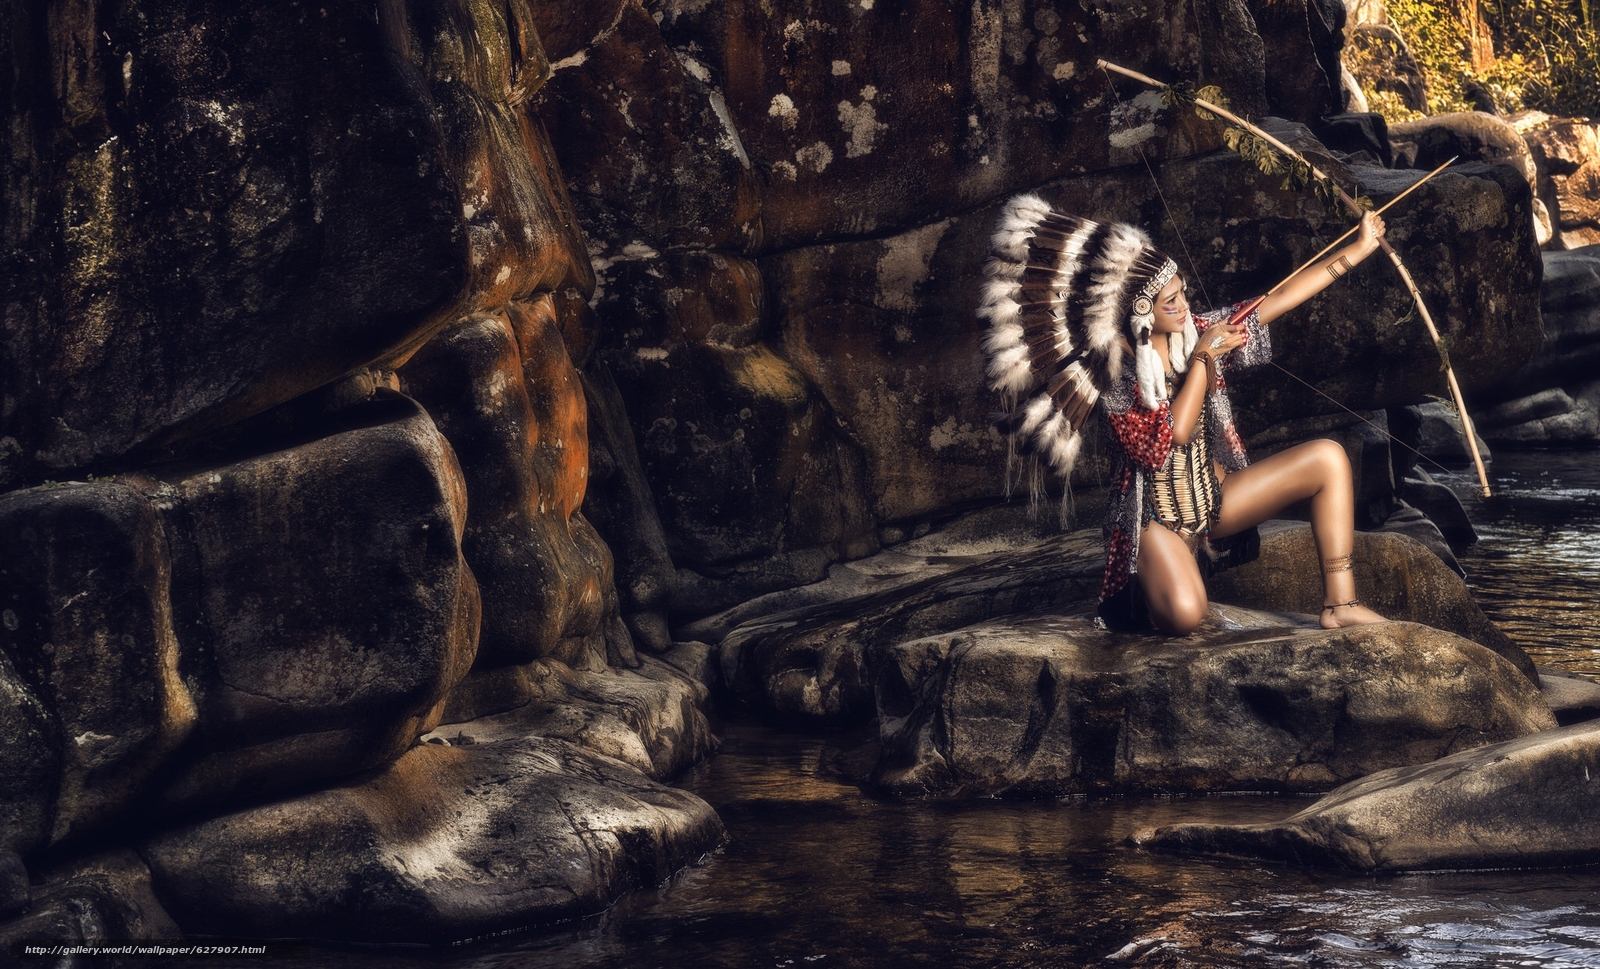 Скачать на телефон обои фото картинку на тему индианка, скво, лук, роуч, перья, камни, разширение 2048x1240